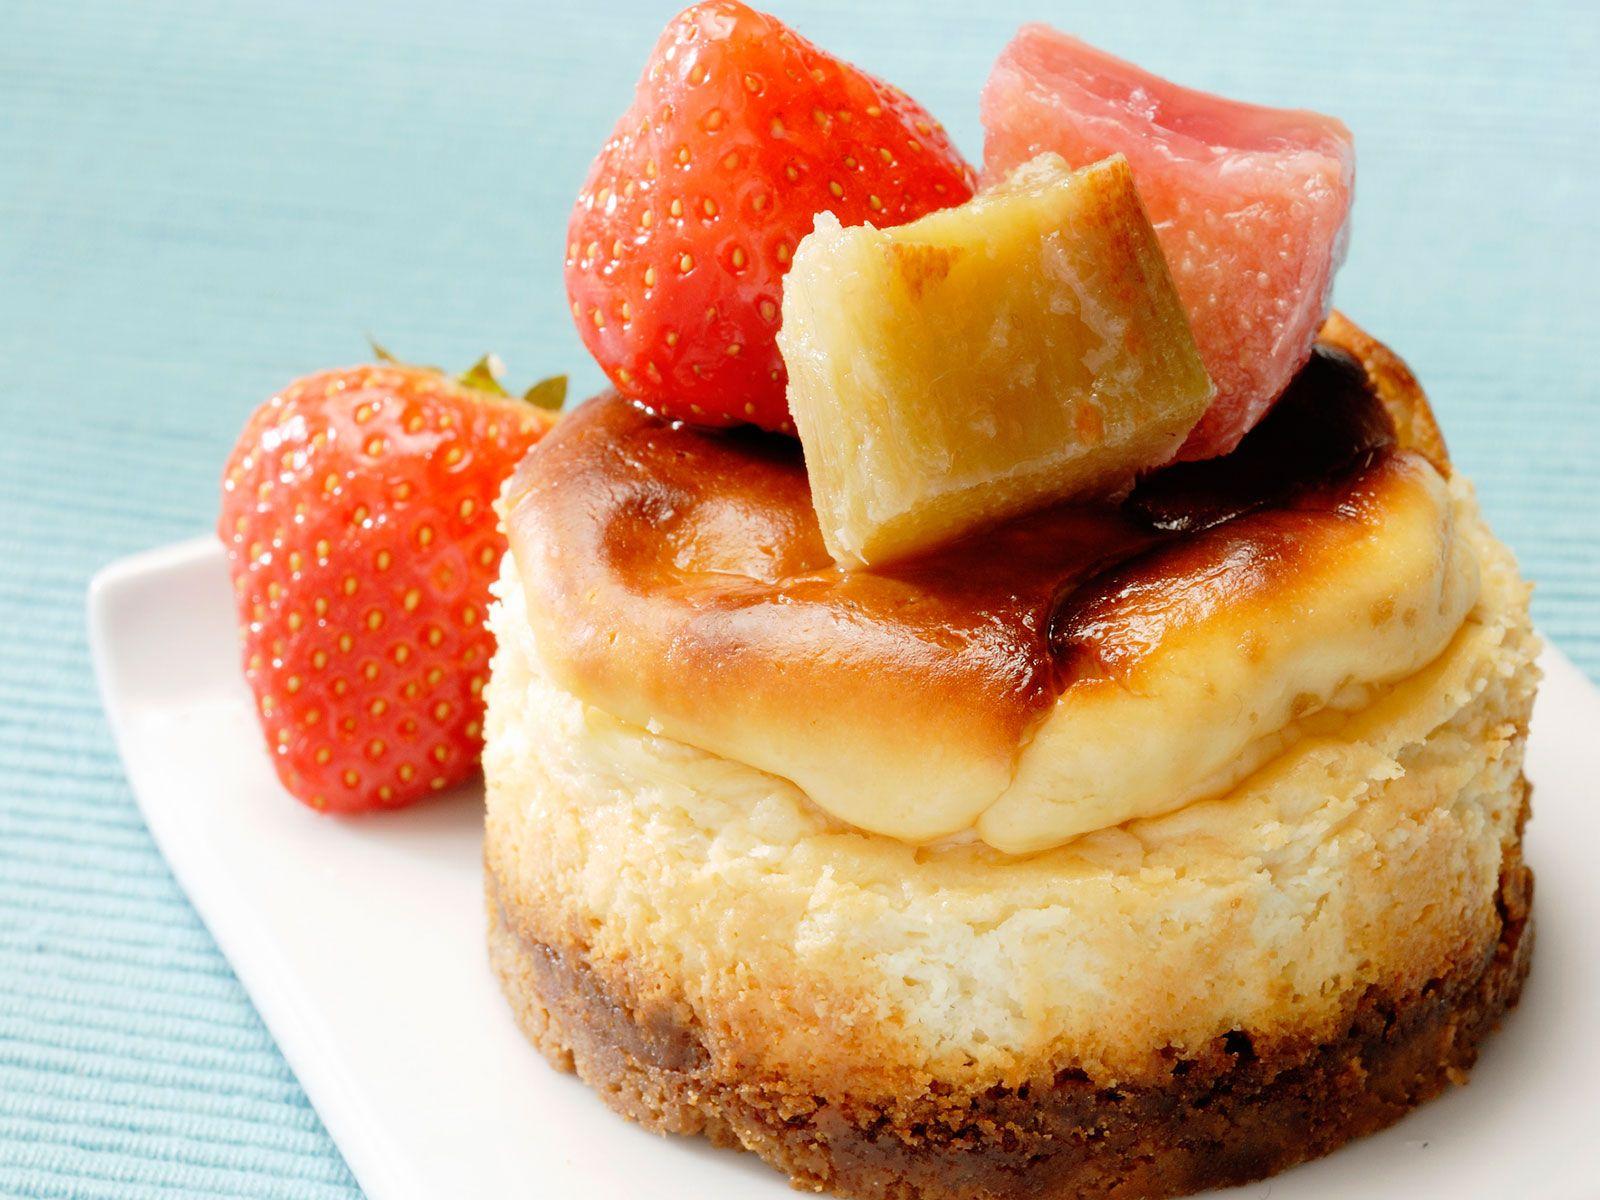 Découvrez la recette Cheese cake rhubarbe sur cuisineactuelle.fr.